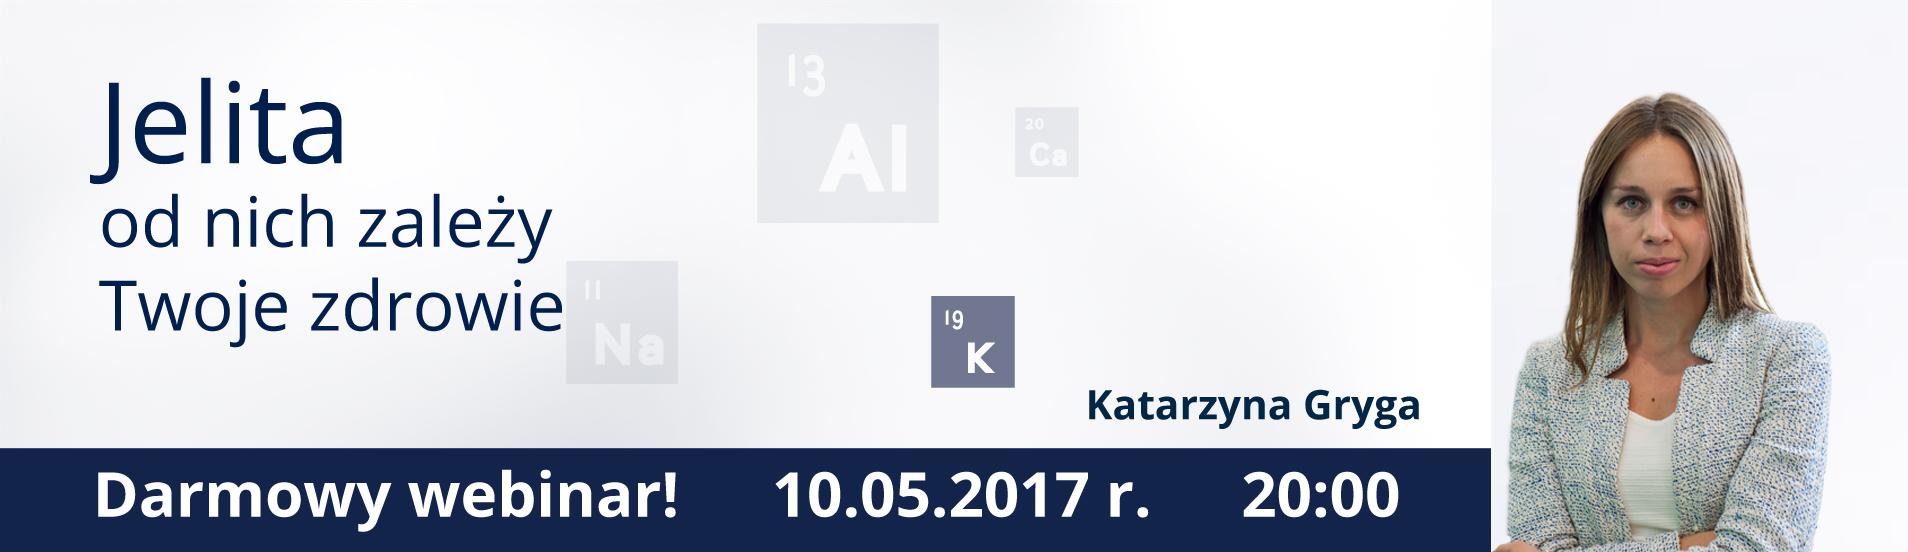 webinar 10.05.2017